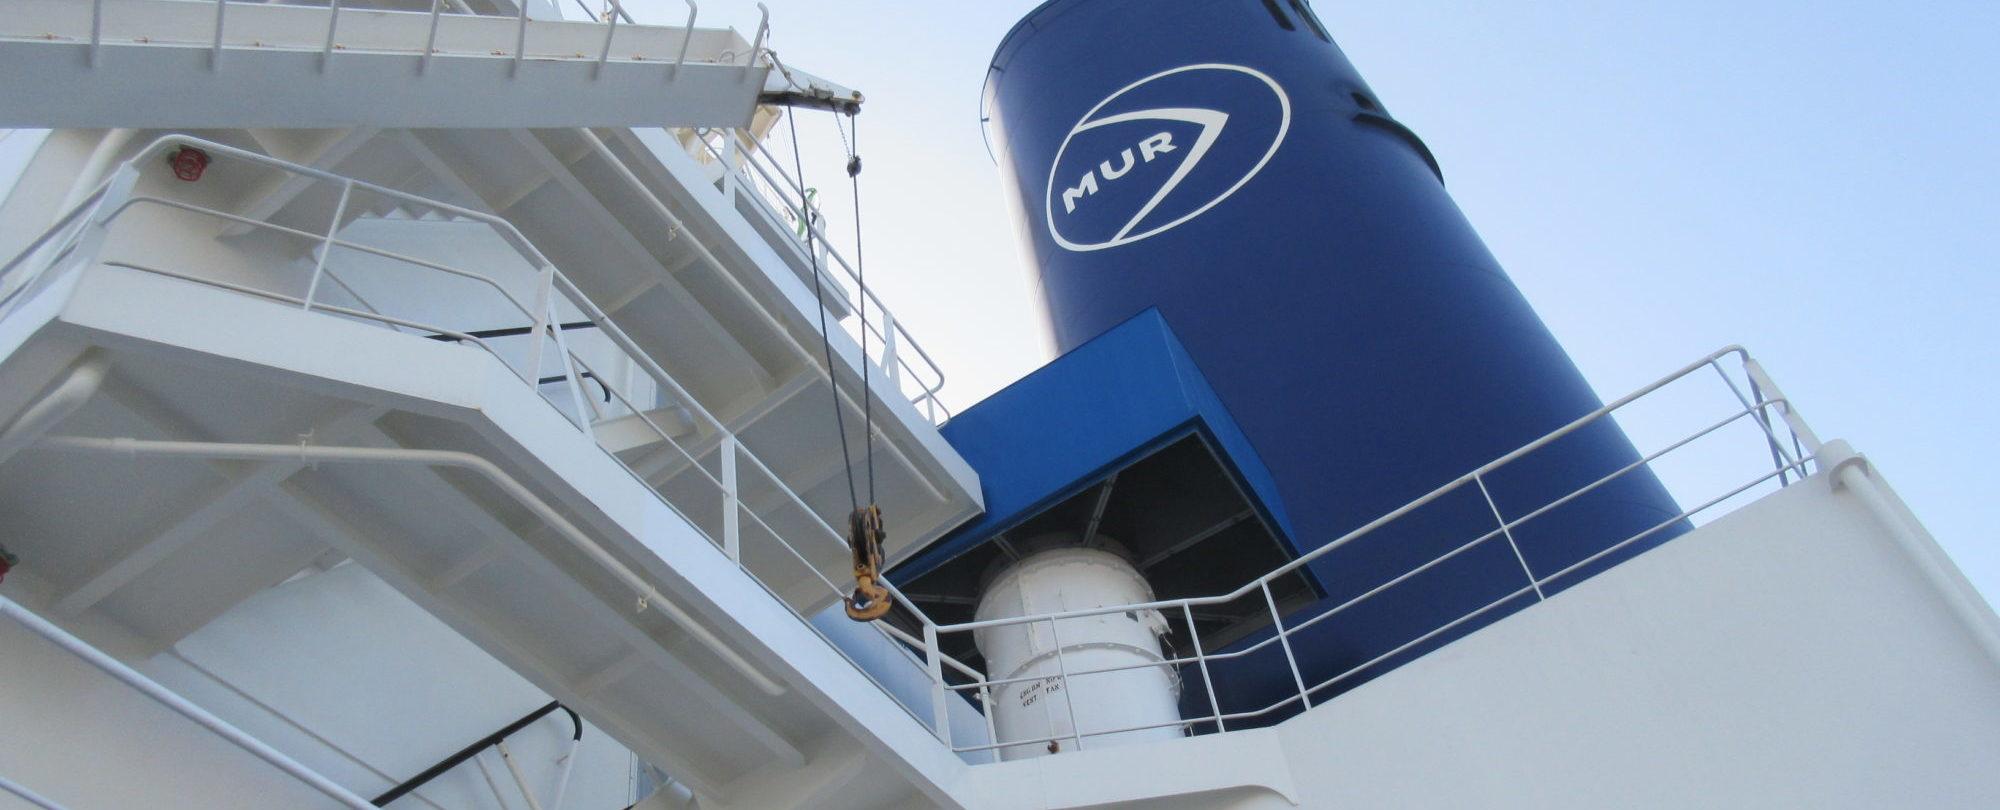 MUR Shipping - Shipping the future